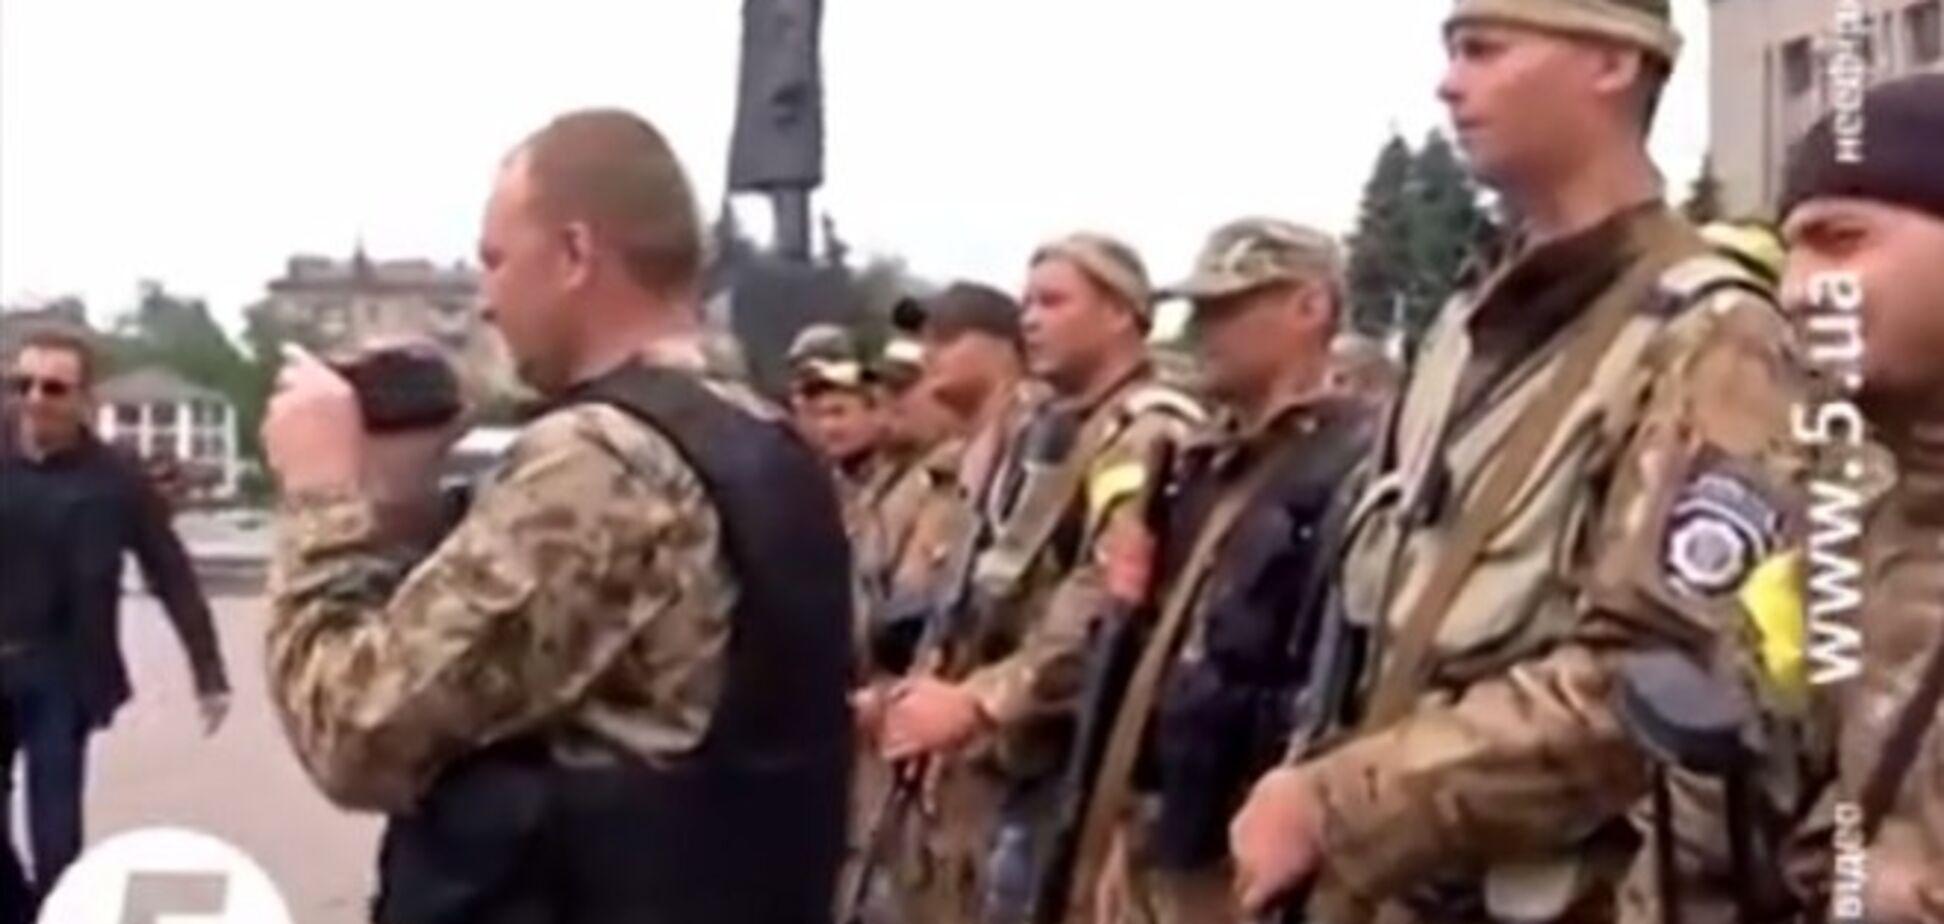 Бійці батальйону 'Київ-1' вітають Авакова кричалкою про Путіна